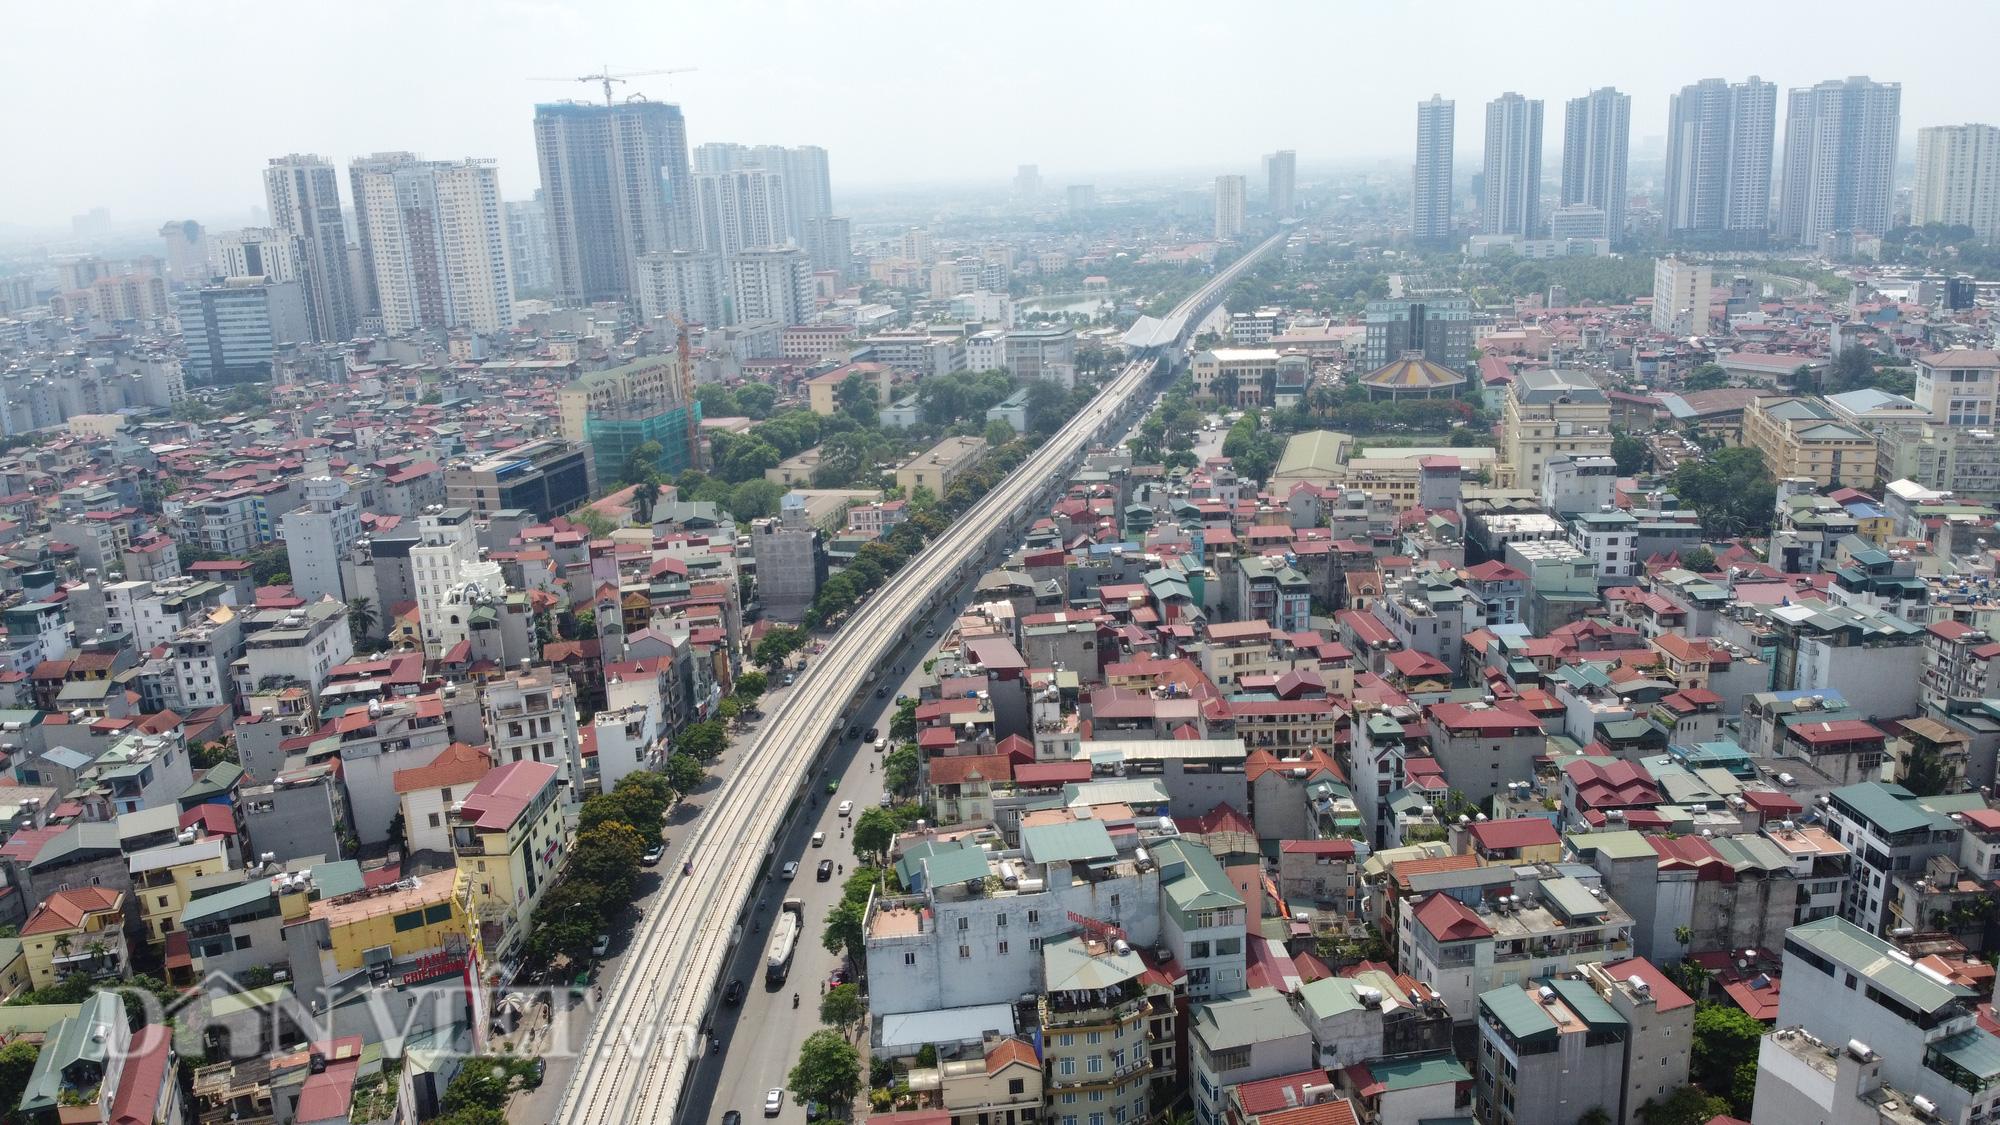 Toàn cảnh tuyến đường sắt trên cao bị đòi bồi thuờng hàng trăm tỷ đồng - Ảnh 2.